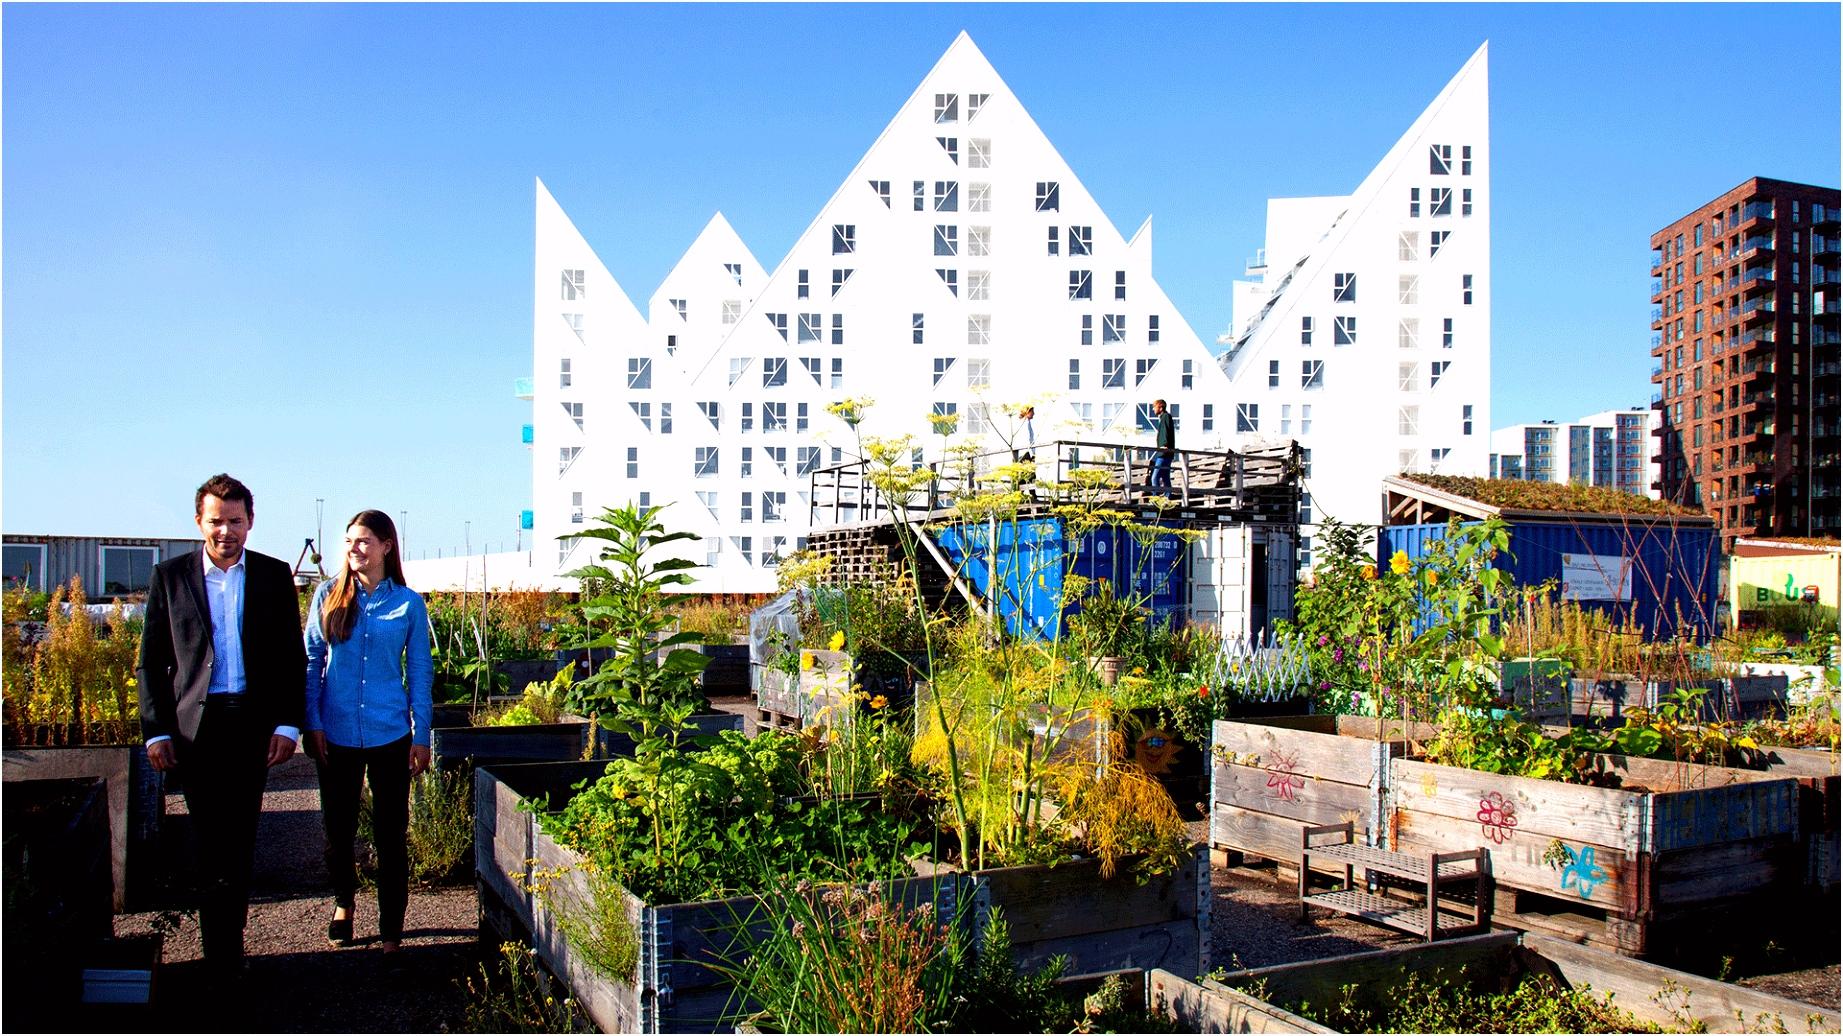 Innovation and design in Denmark